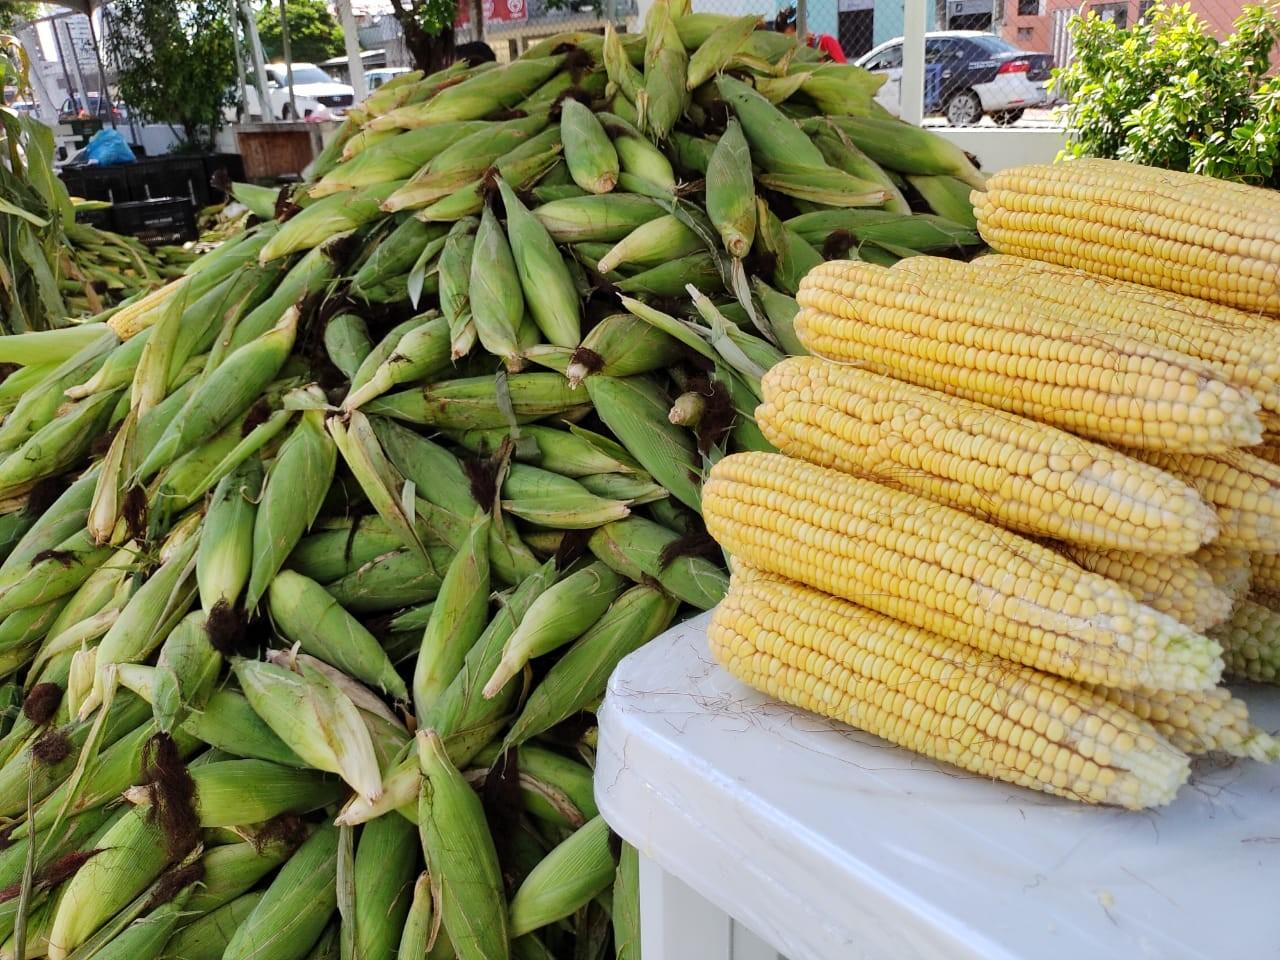 No mês das festas juninas, preço médio do milho é R$ 0,70 em Natal, diz Procon